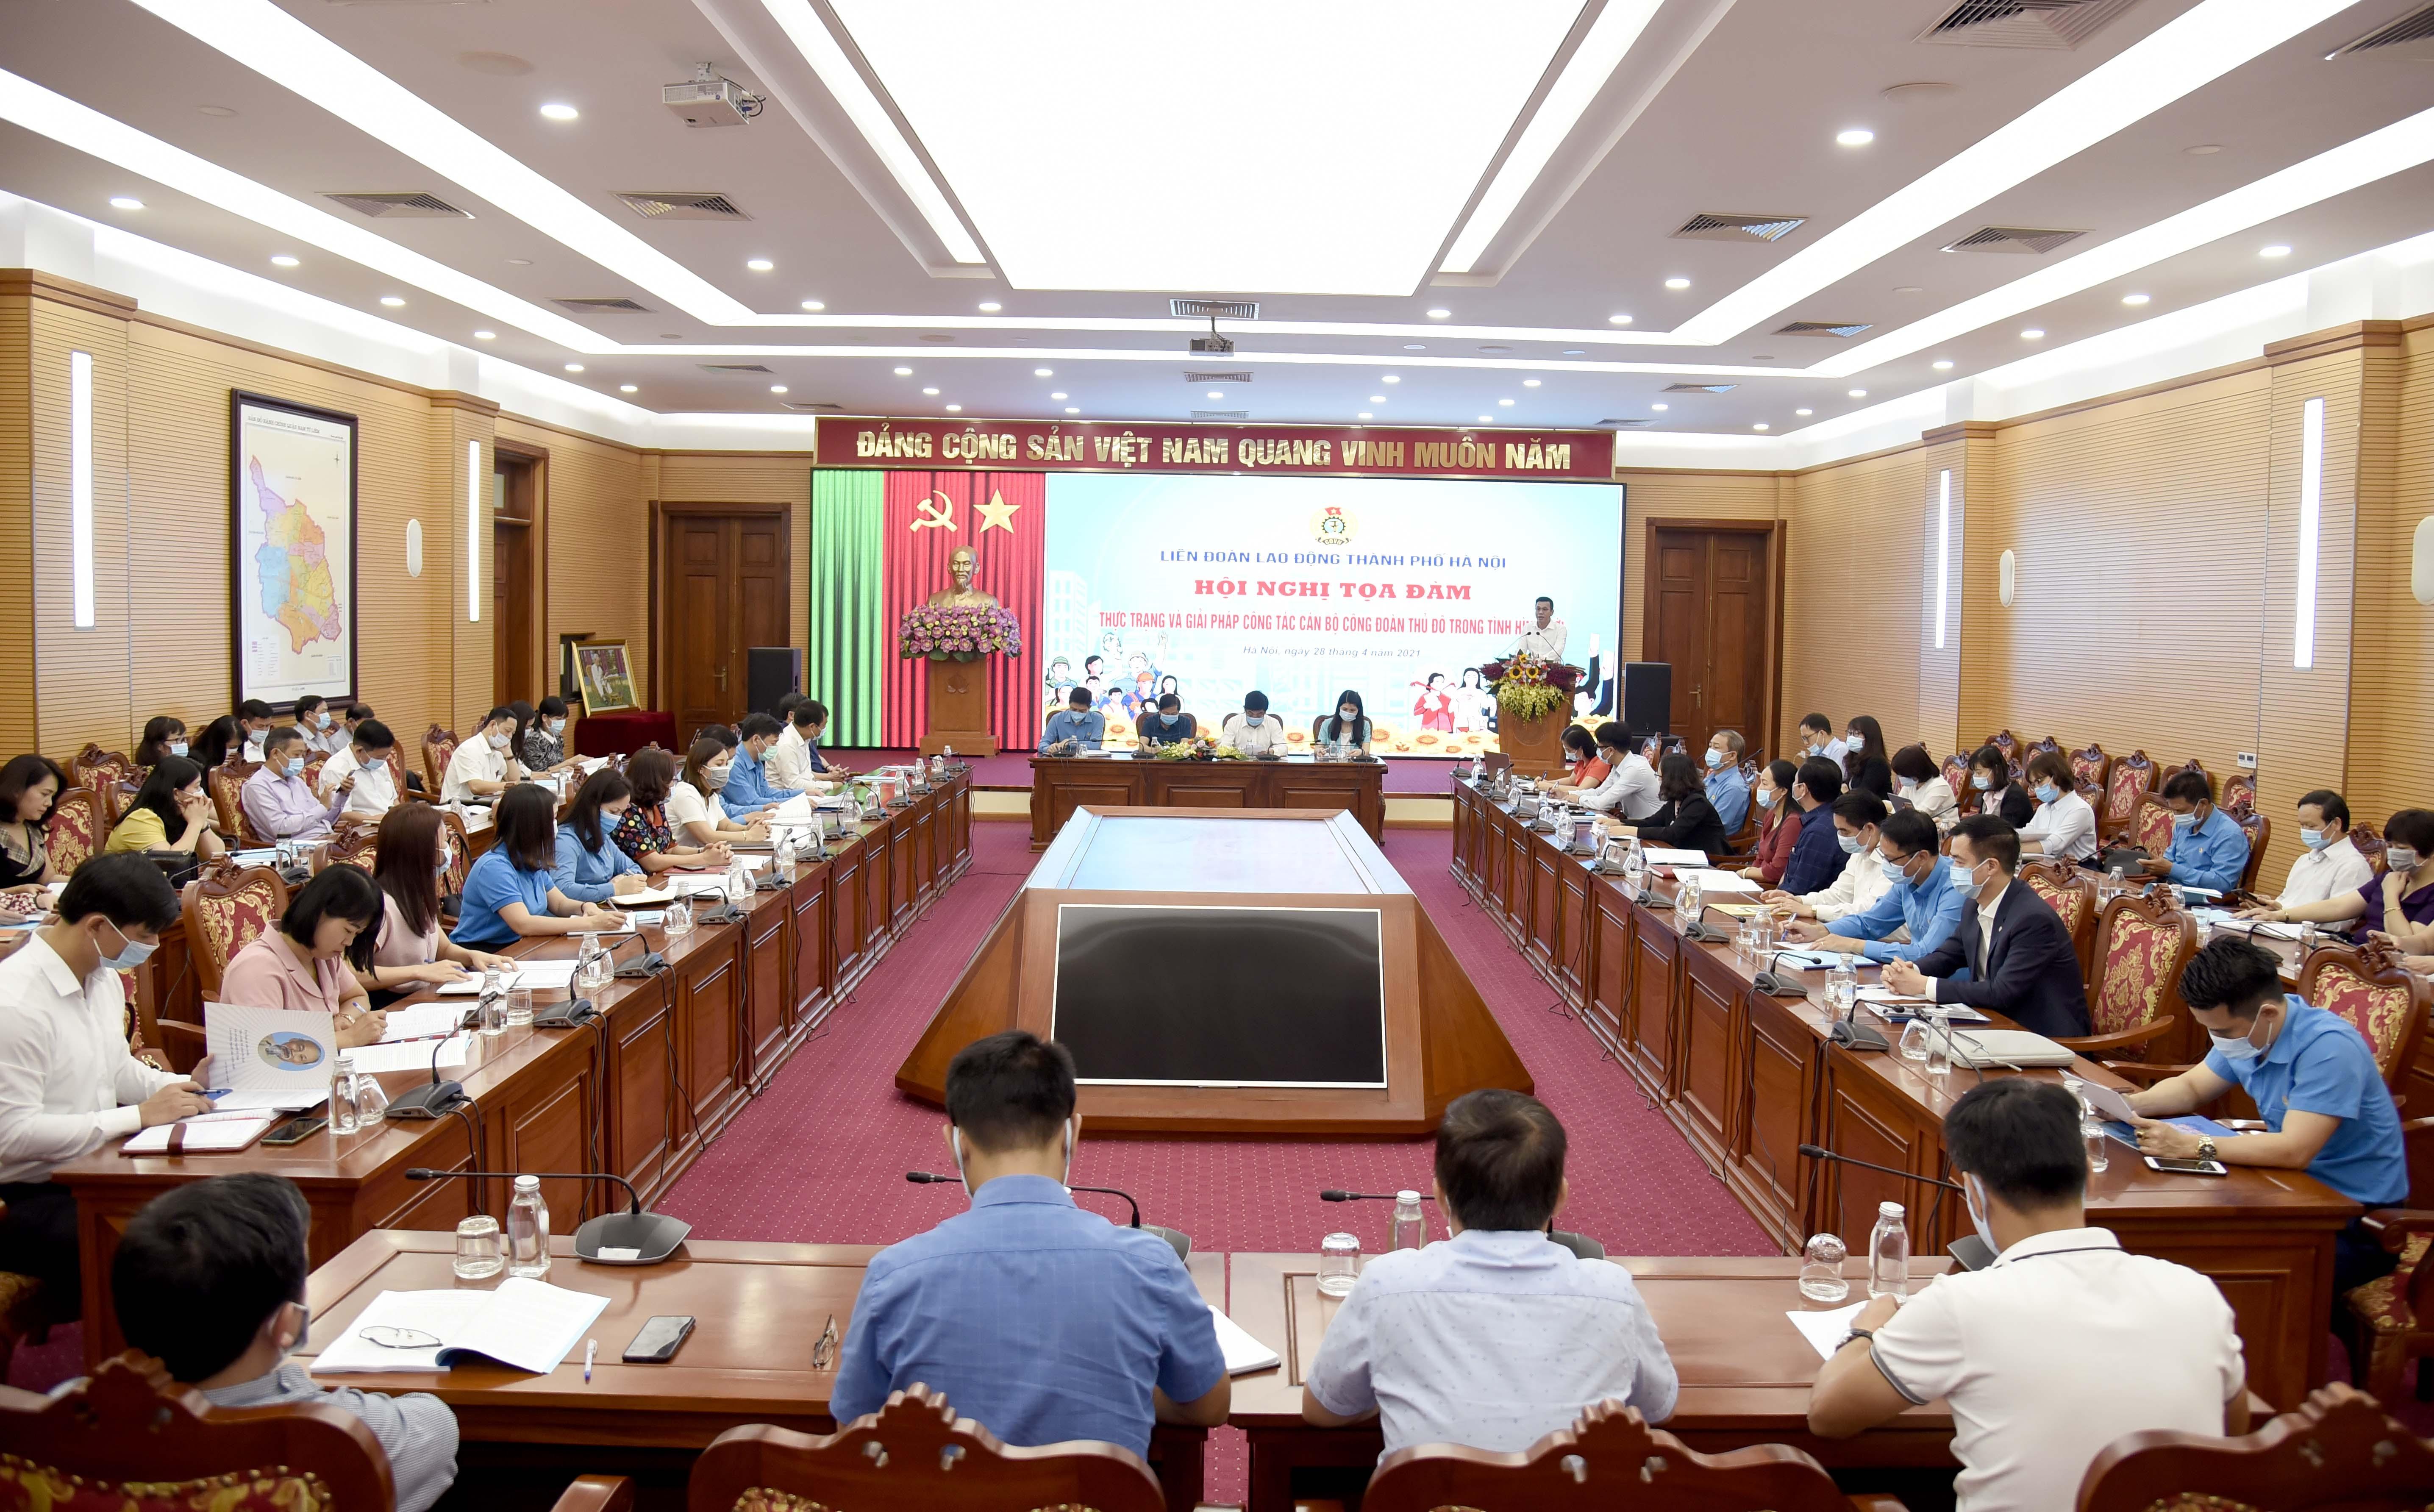 Trực tuyến tọa đàm: Thực trạng và giải pháp về công tác cán bộ Công đoàn Thủ đô trong tình hình mới